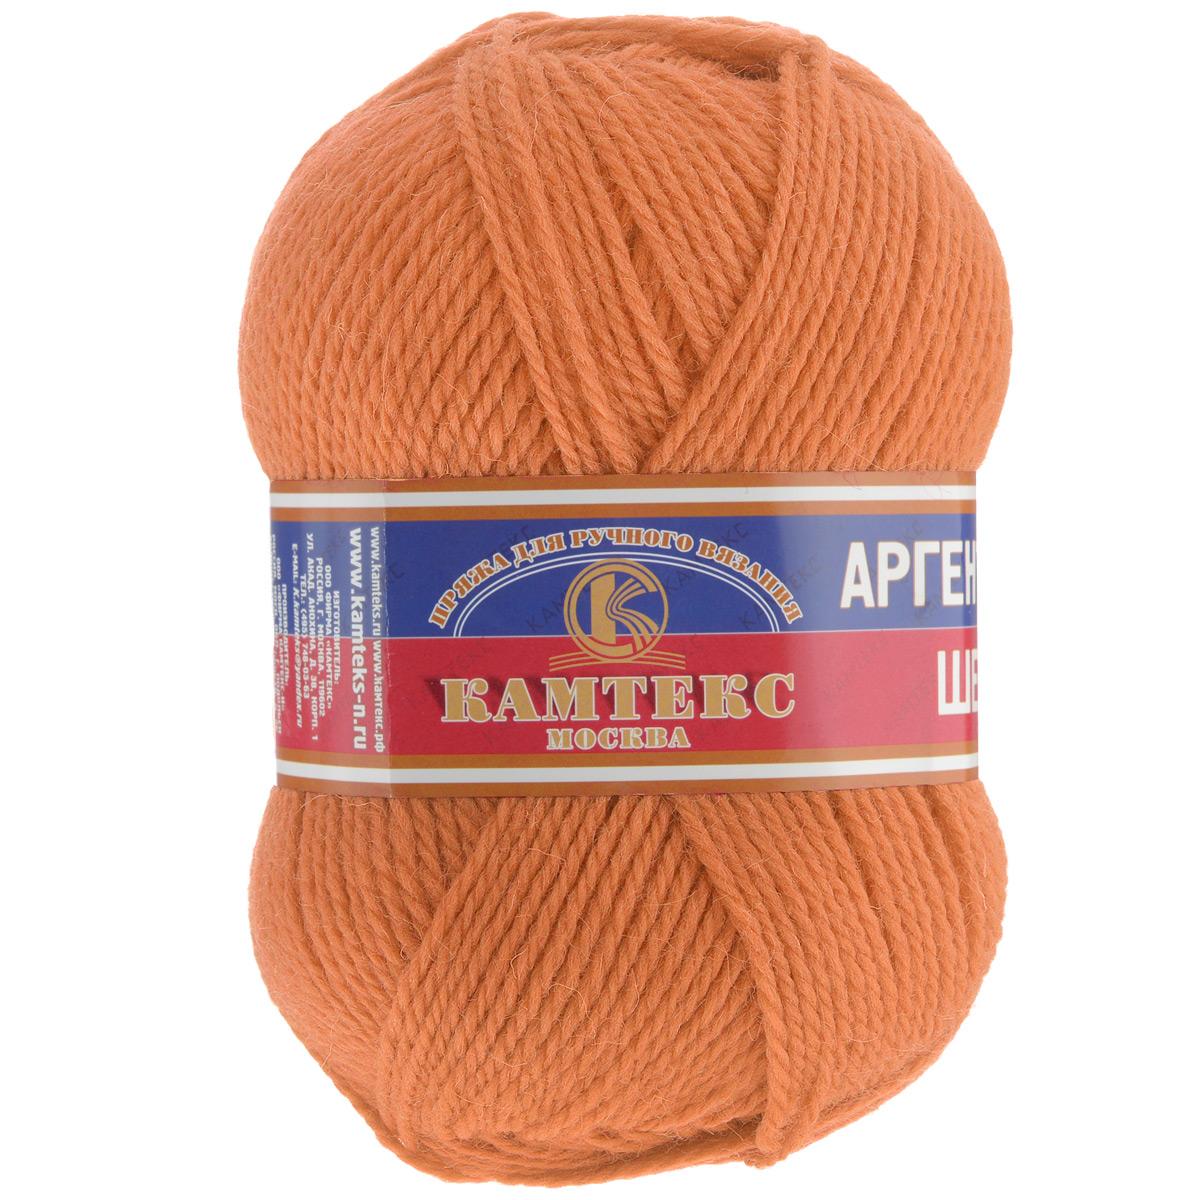 Пряжа для вязания Камтекс Аргентинская шерсть, цвет: оранжевый (035), 200 м, 100 г, 10 шт136071_035Пряжа для вязания Камтекс Аргентинская шерсть - это стопроцентная импортная шерсть, которая отличается прочностью и гладкостью. Даже при взгляде на моток, сразу видно, что вещи из этой пряжи будут выглядеть дорого. Изделия не скатываются и не деформируются. Пряжа очень легка в работе, даже при роспуске полотна, она не цепляется, и не путается. Ниточка безумно теплая и уютная, отлично подходит для нашей морозной зимы. Даже ажурные шапки и шарфы при всей своей тонкости будут самыми надежными защитниками от снега и сильного ветра. Очень хорошо смотрятся из этой шерсти узоры из кос и жгутов. Рекомендуются спицы и крючки для вязания 3-5 мм. Состав: 100% шерсть.